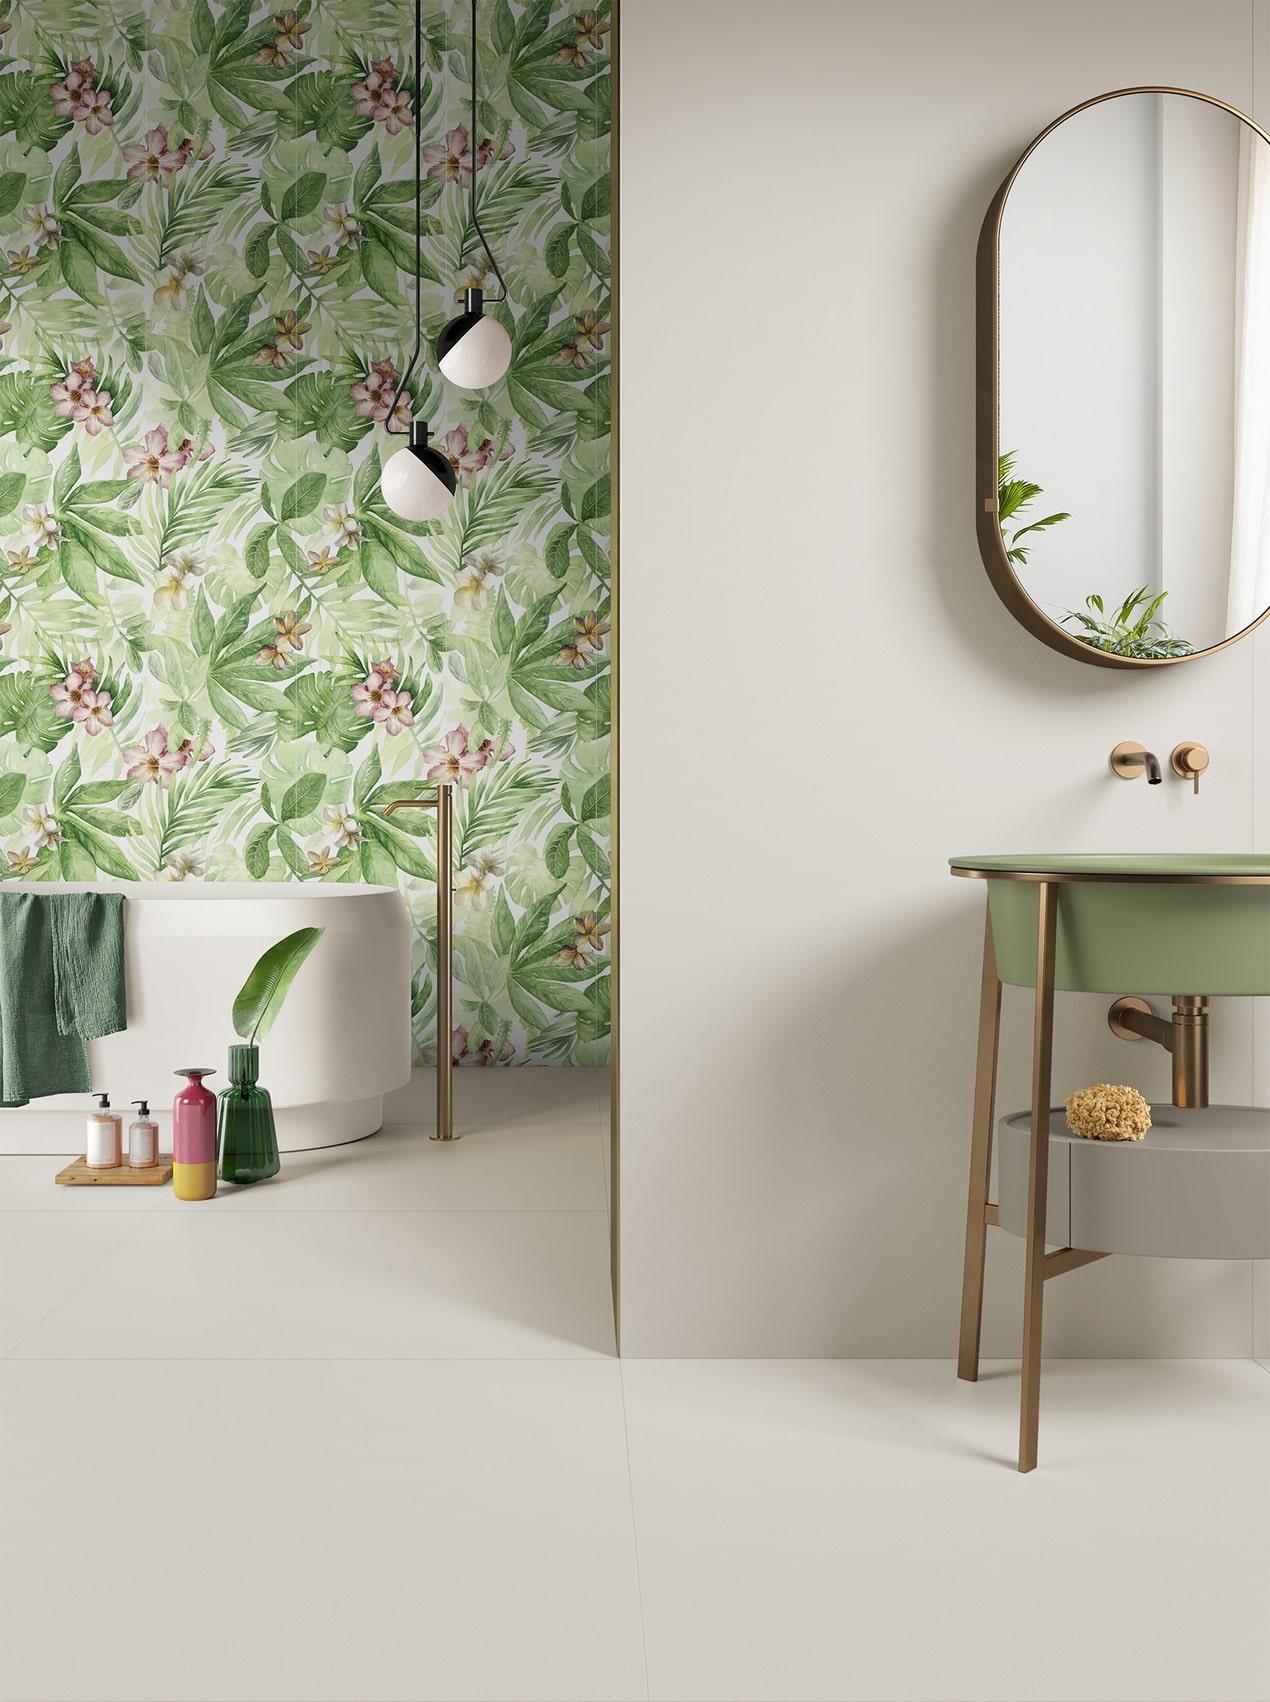 2021/10/07/615e9e7de0b75-8221_n_PAN-must-starwhite-smooth-glam-rainforest-bathroom-001.jpg